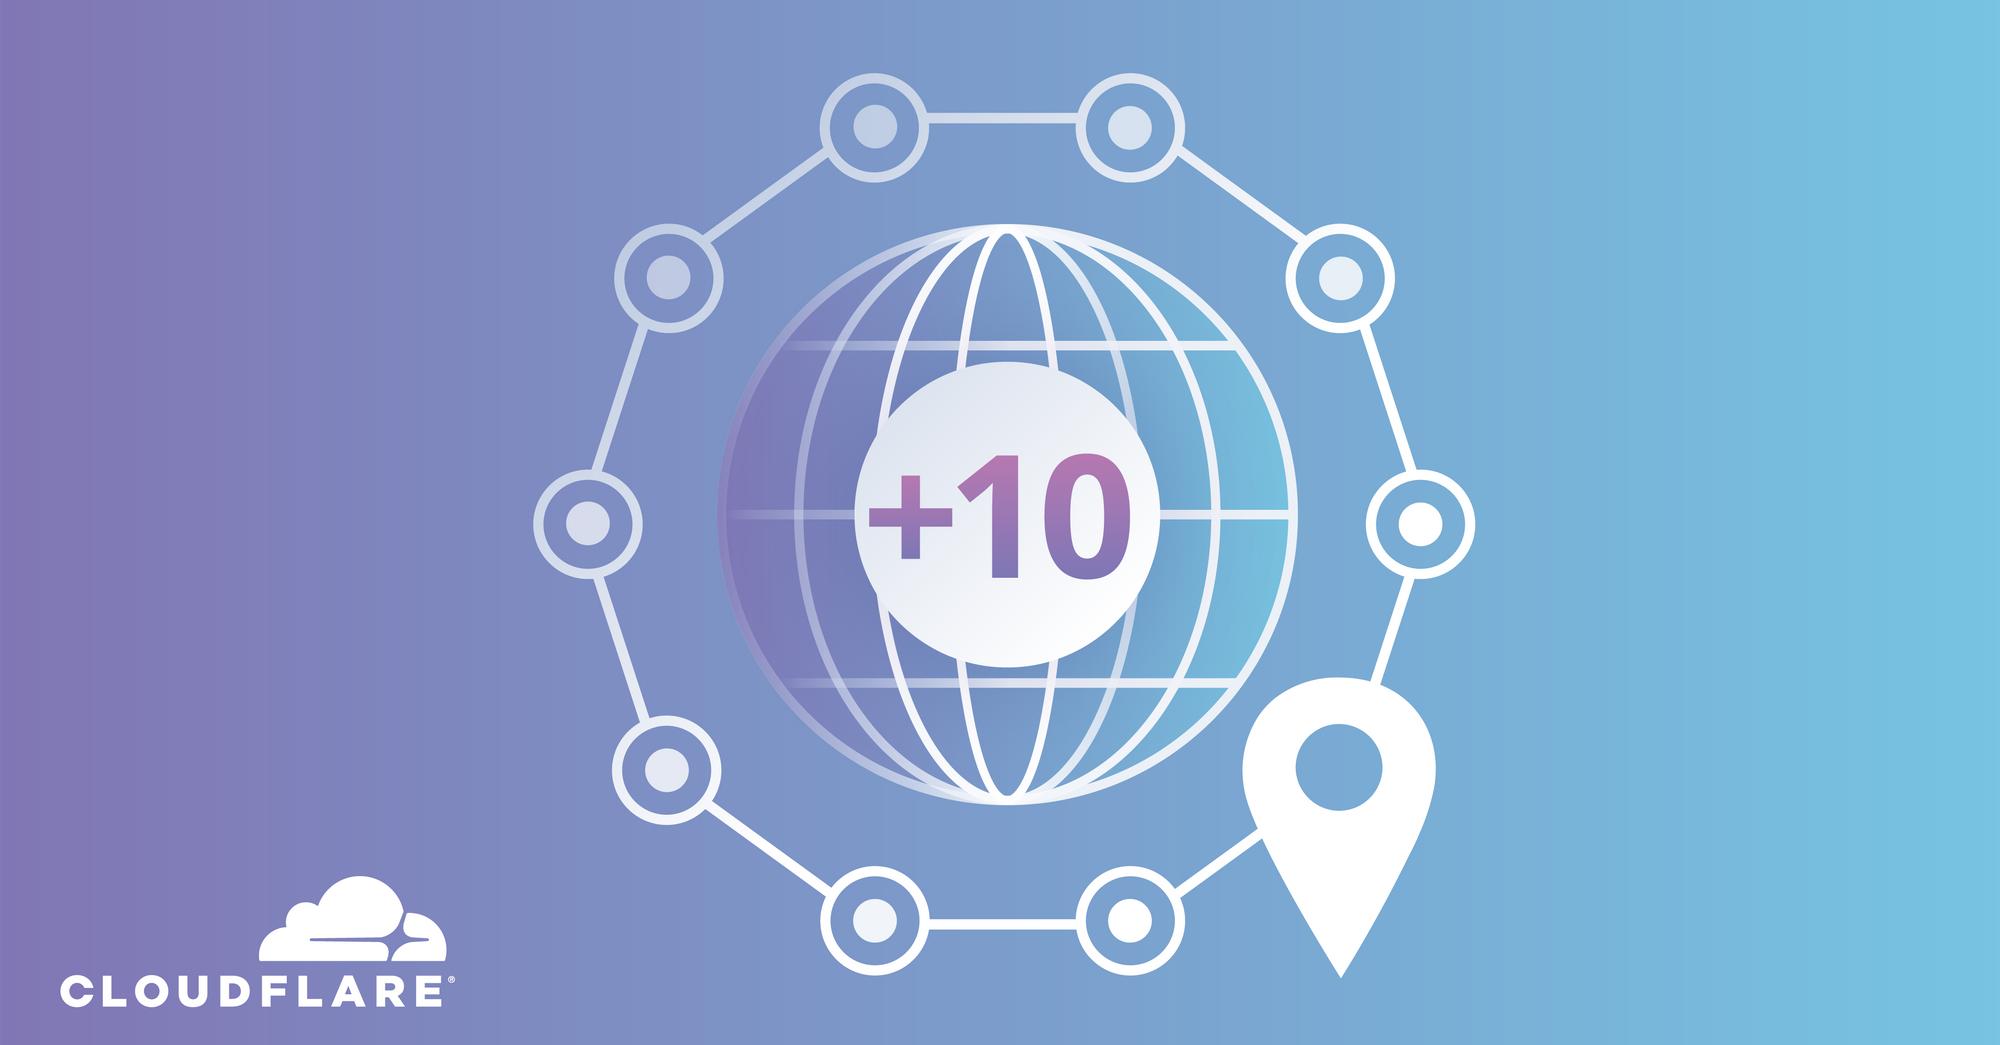 CloudFlare đã và đang về Việt Nam - Mười trung tâm dữ liệu mới từ Cloudflare